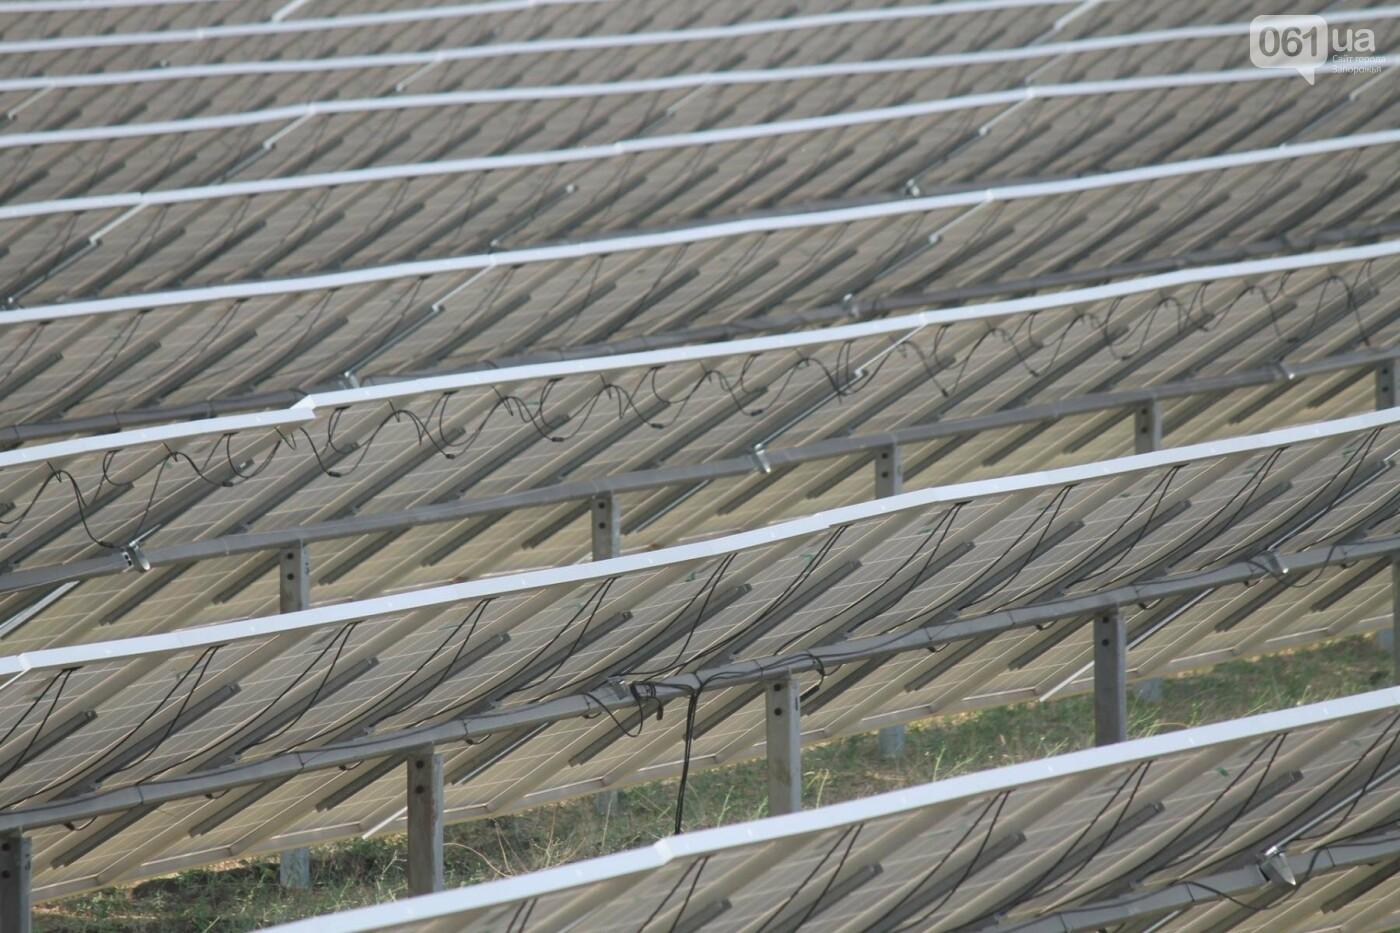 Как в Запорожской области работает крупнейшая в Украине солнечная станция: экскурсия на производство, — ФОТОРЕПОРТАЖ, фото-2